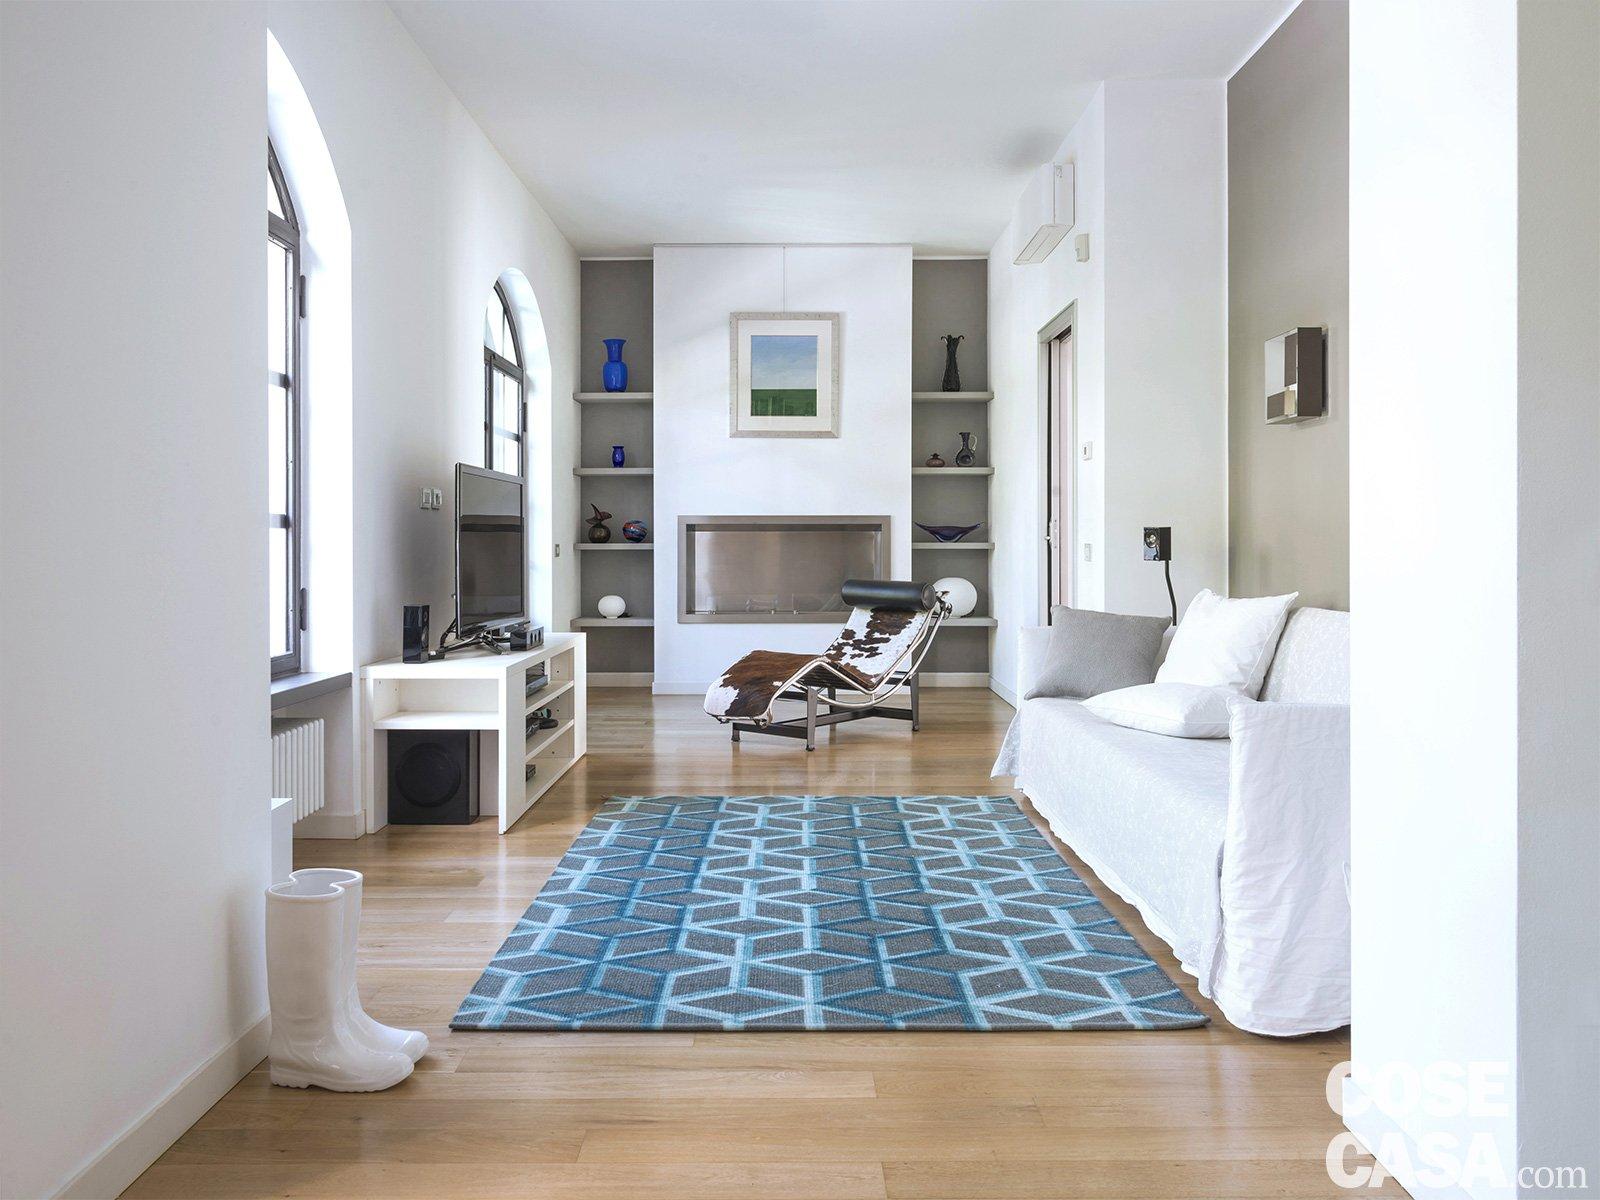 Interni di 67 56 50 mq elogio della semplicit cose di casa - Tappeti per ingresso casa ...